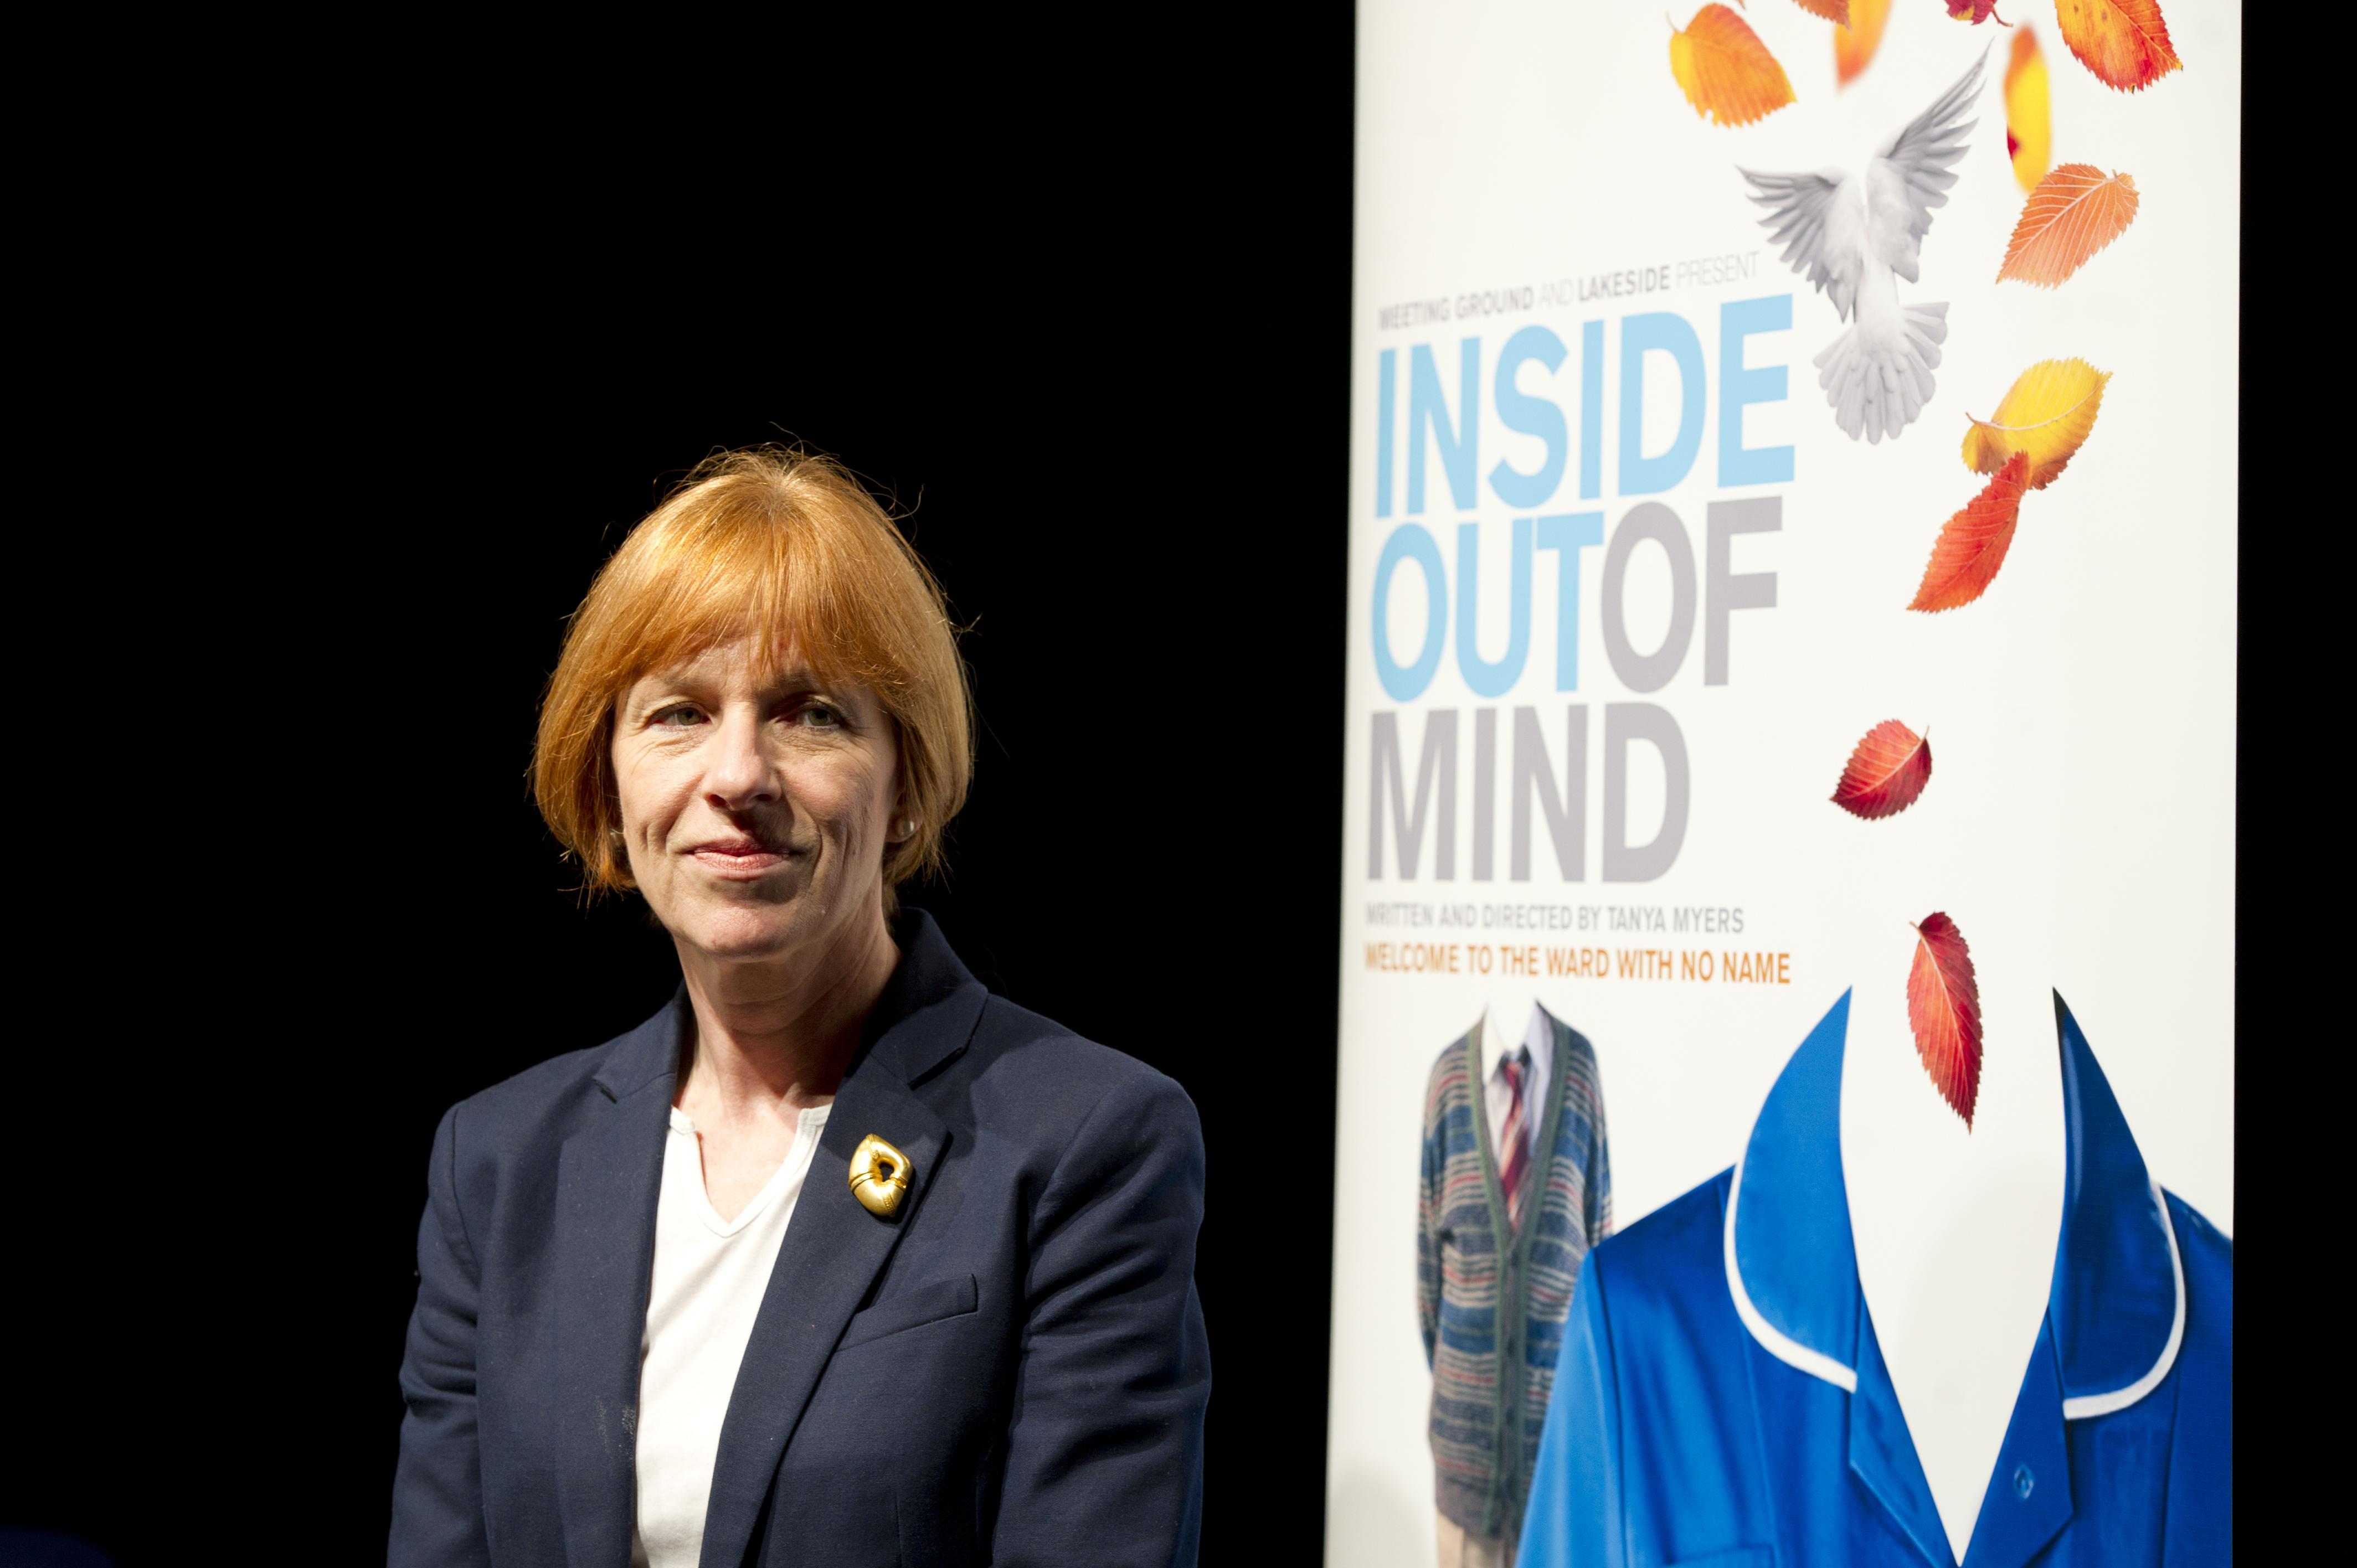 Professor Justine Schneider